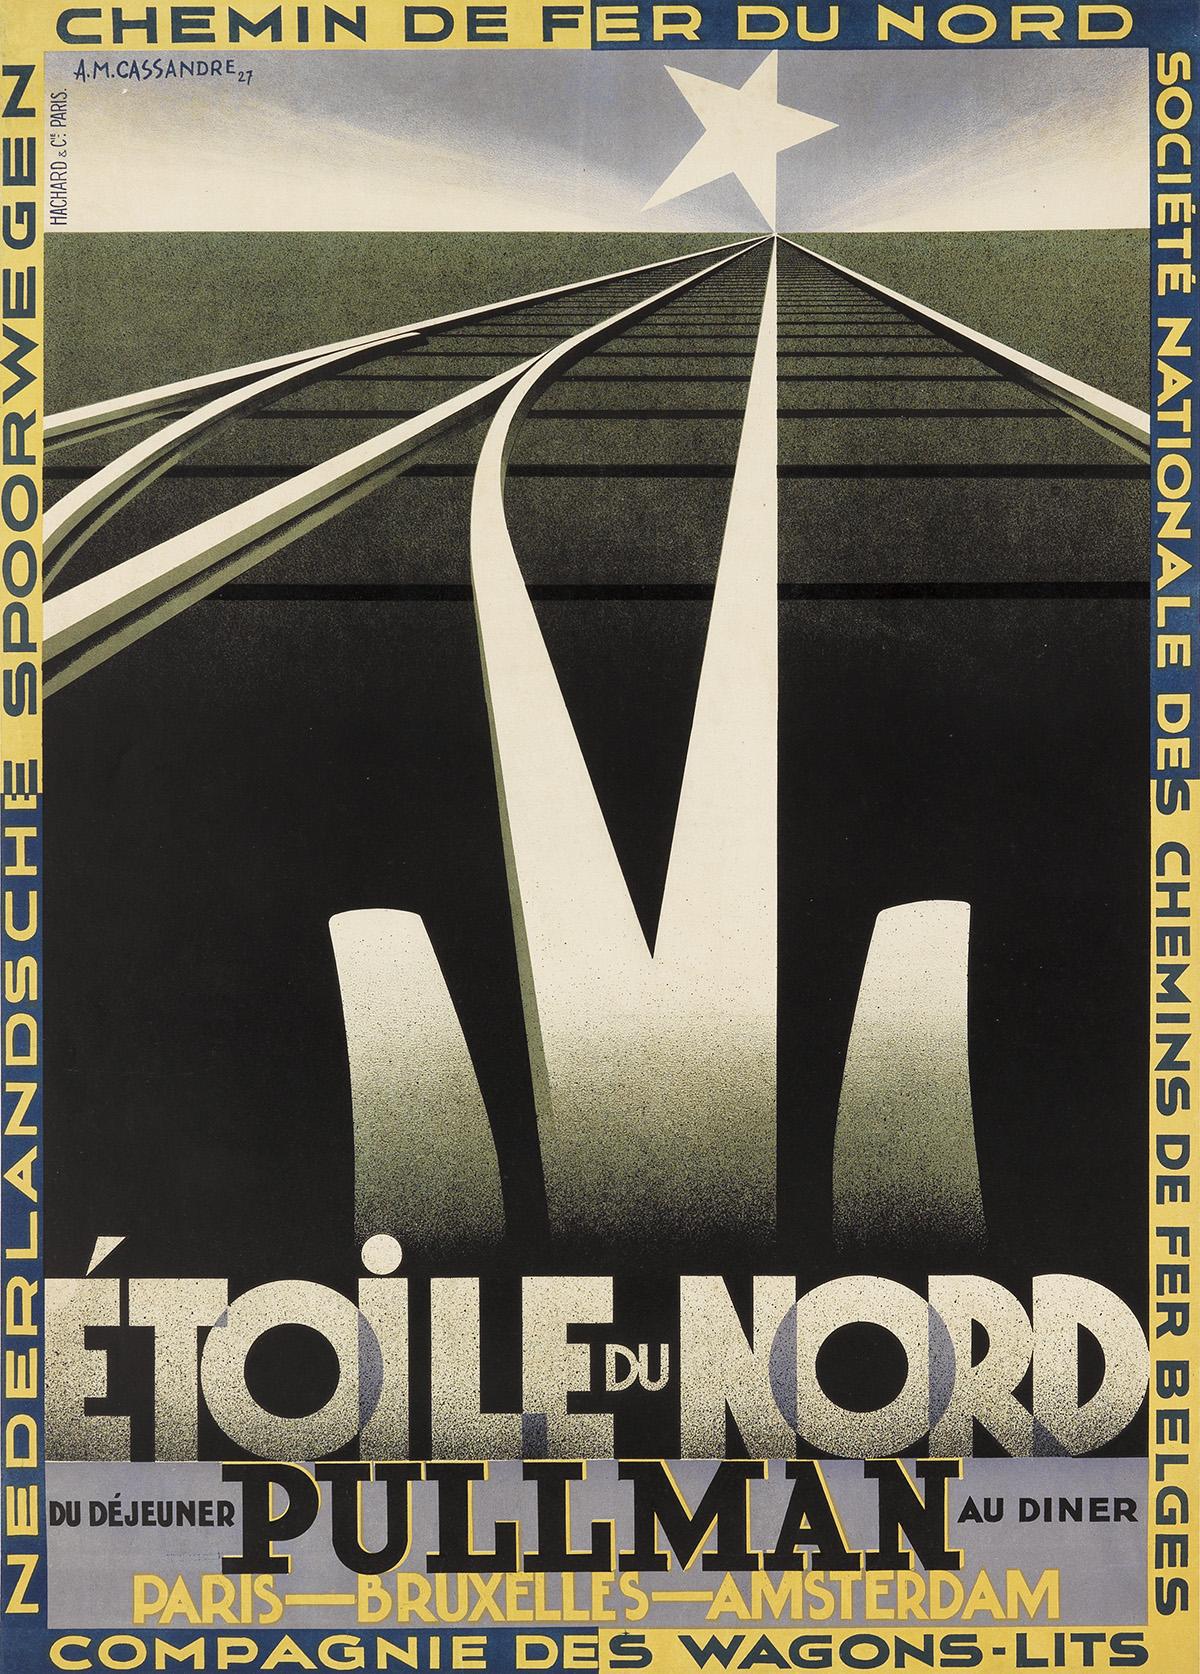 ADOLPHE-MOURON-CASSANDRE-(1901-1968)-ÉTOILE-DU-NORD-1927-41x